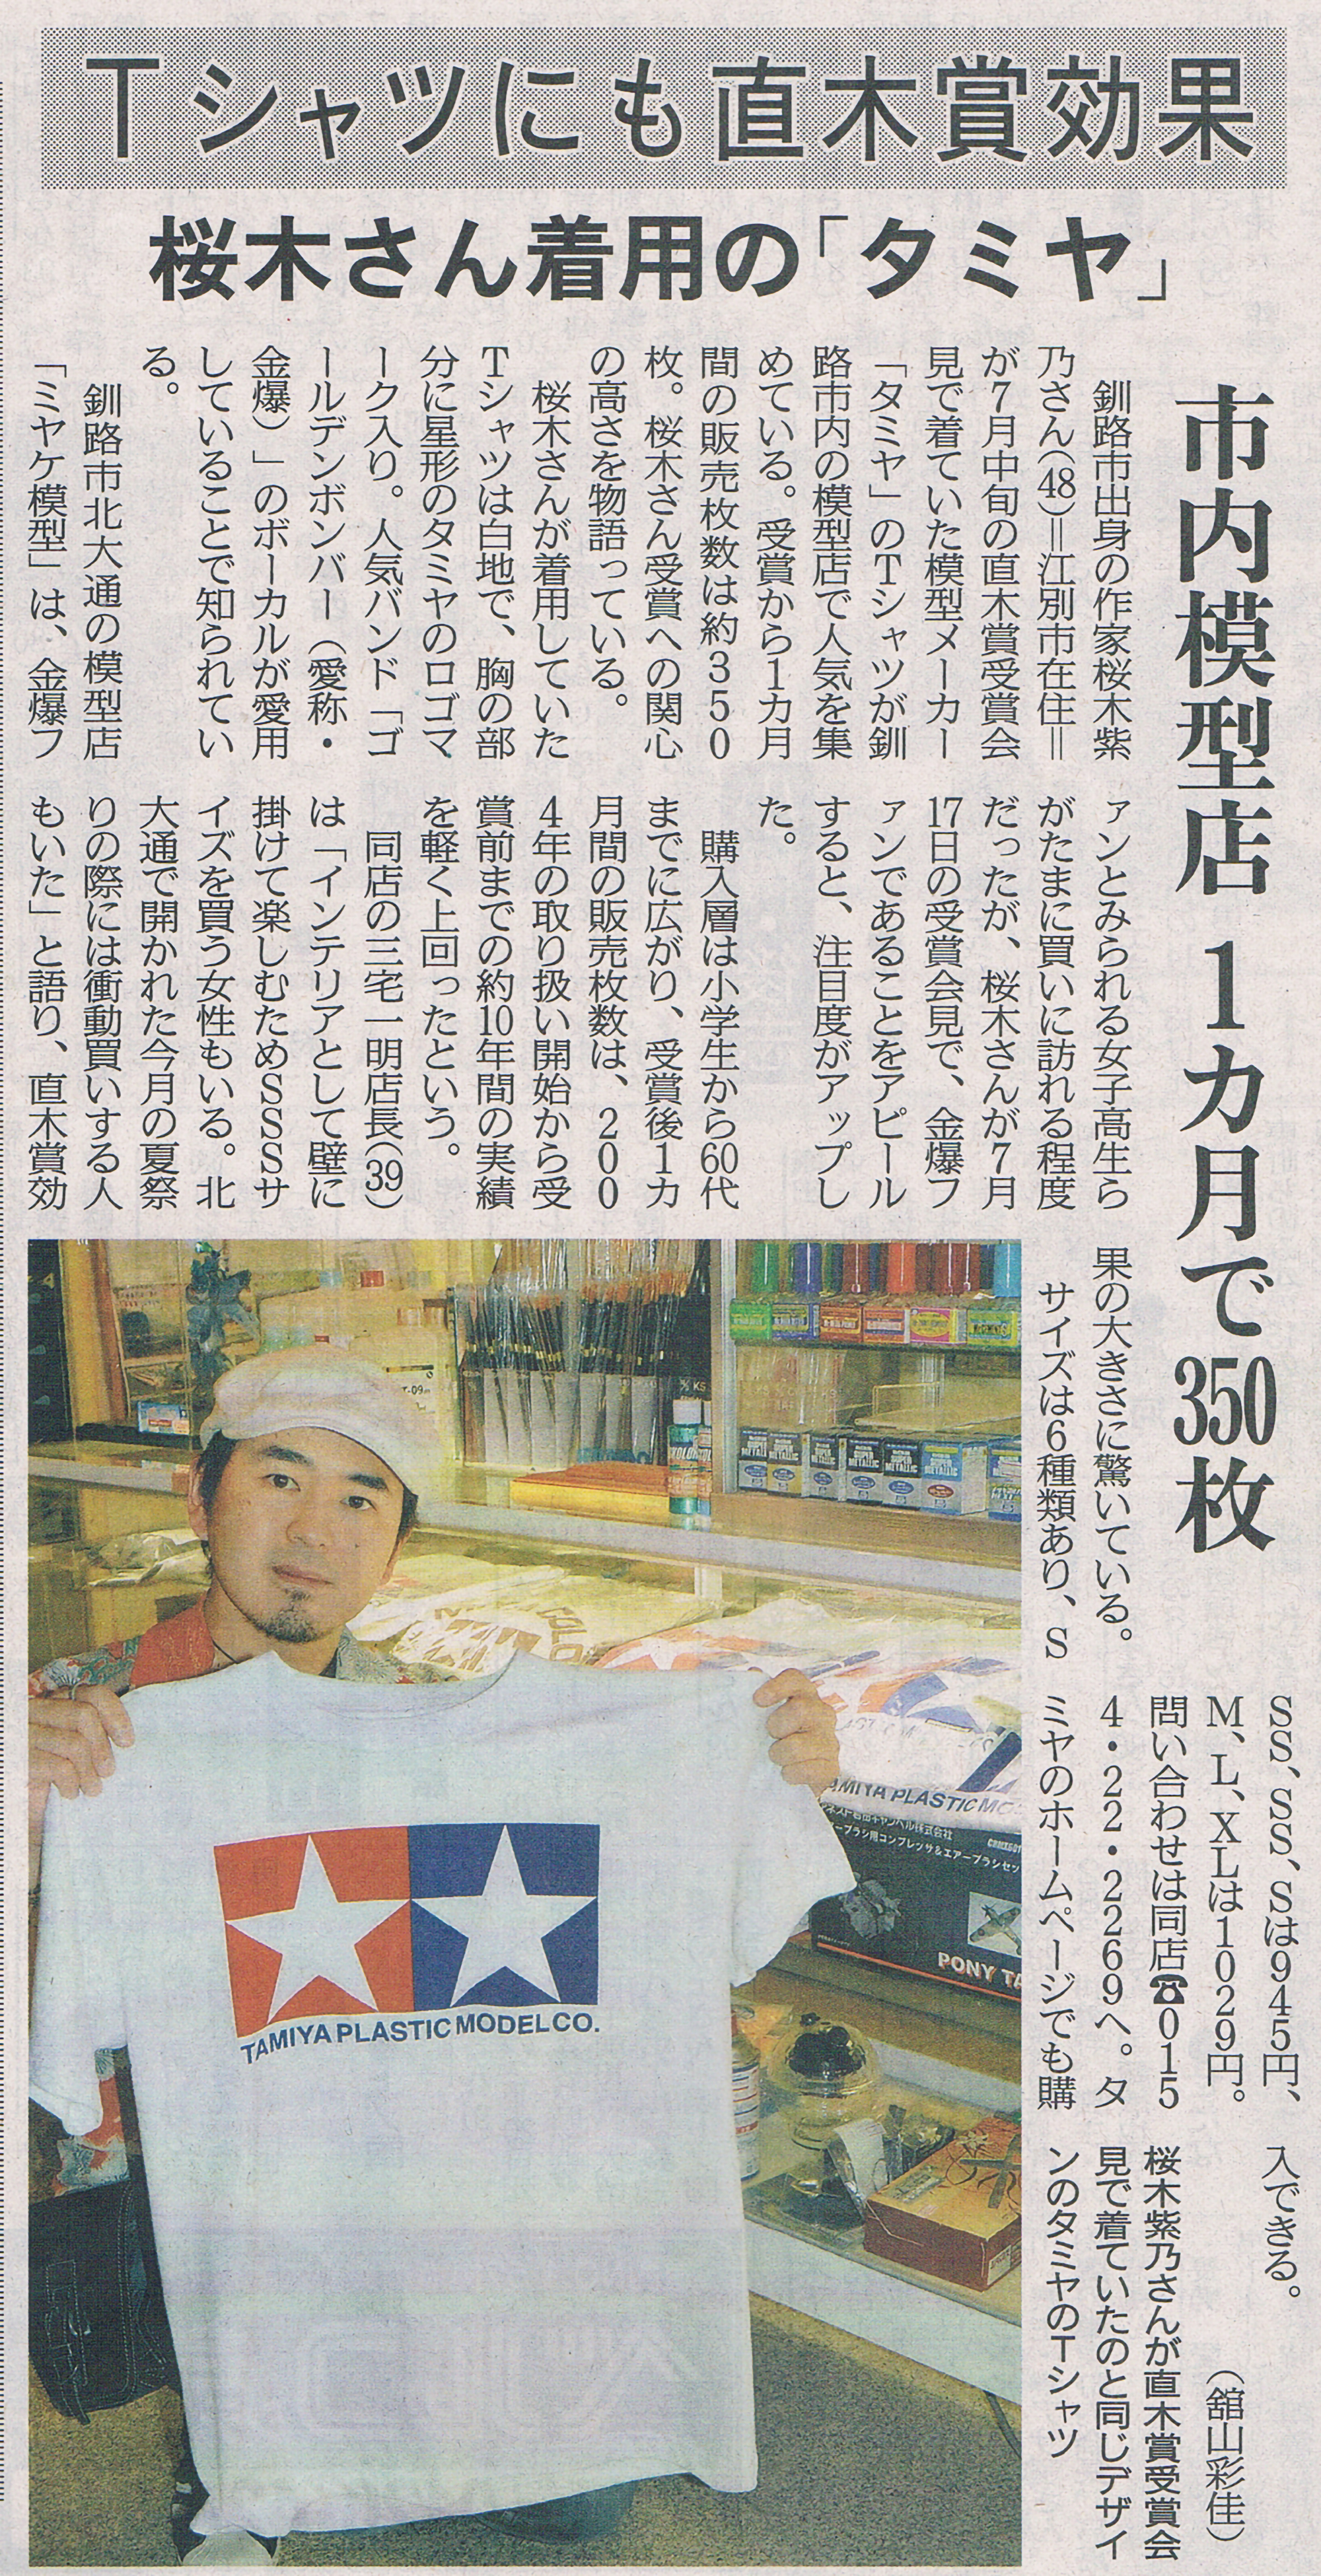 2013-8-22北海道新聞朝刊